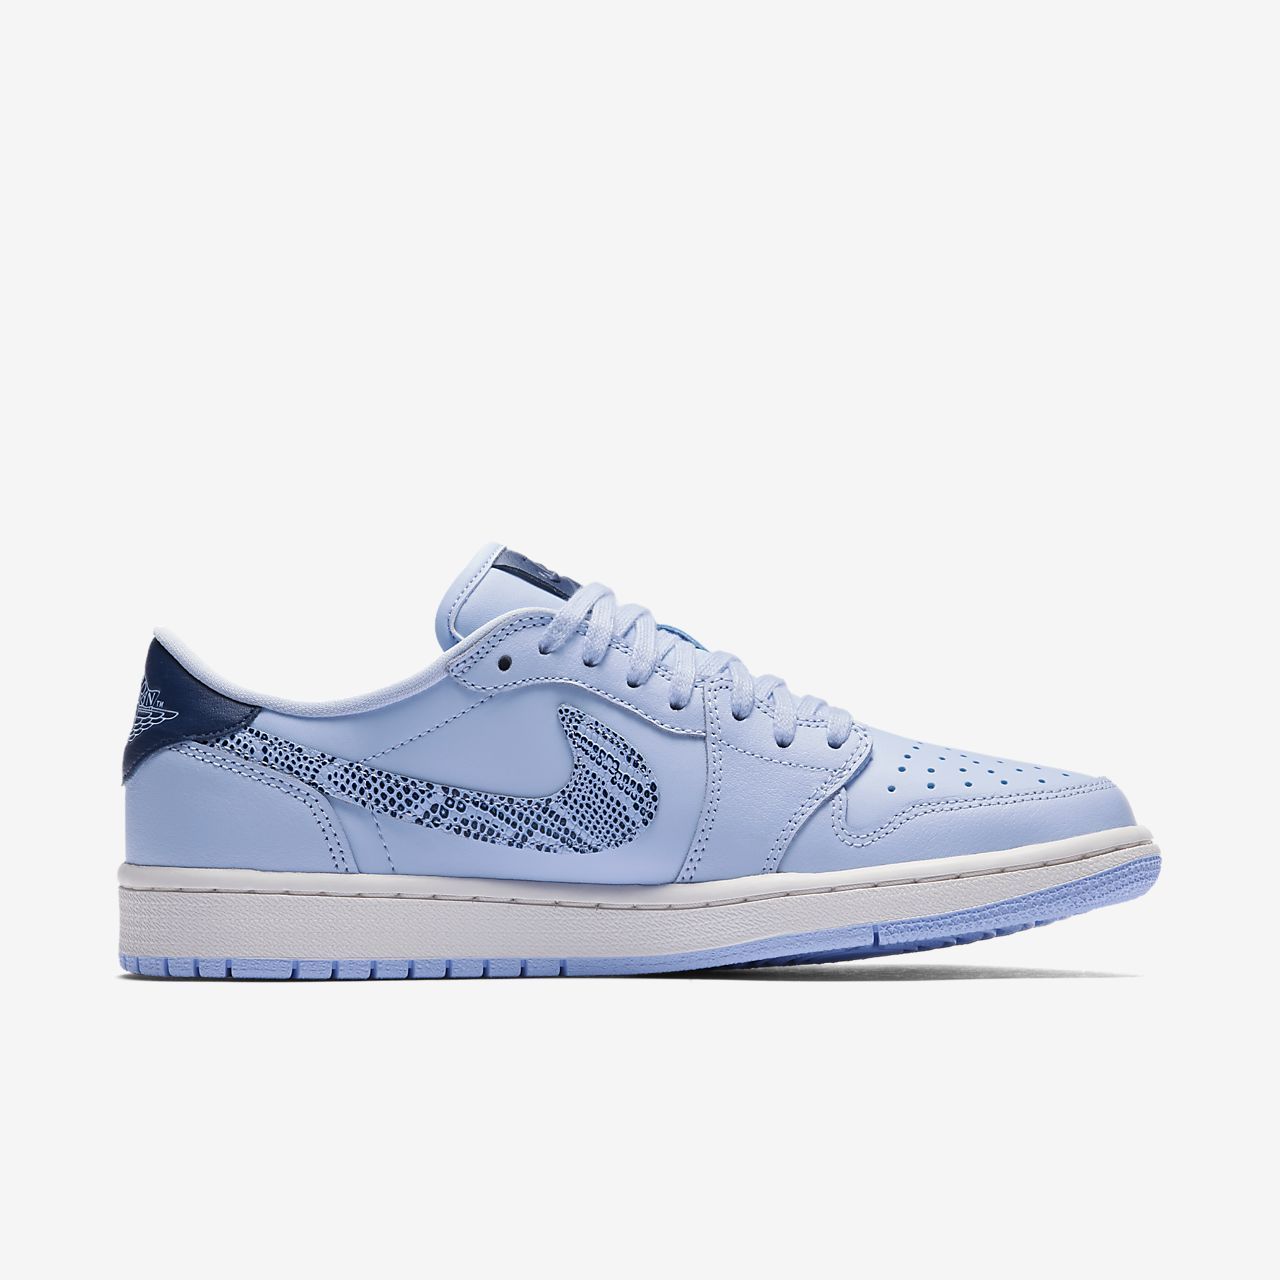 22d22e861914b1 Air Jordan 1 Retro Low OG Women s Shoe. Nike.com CA